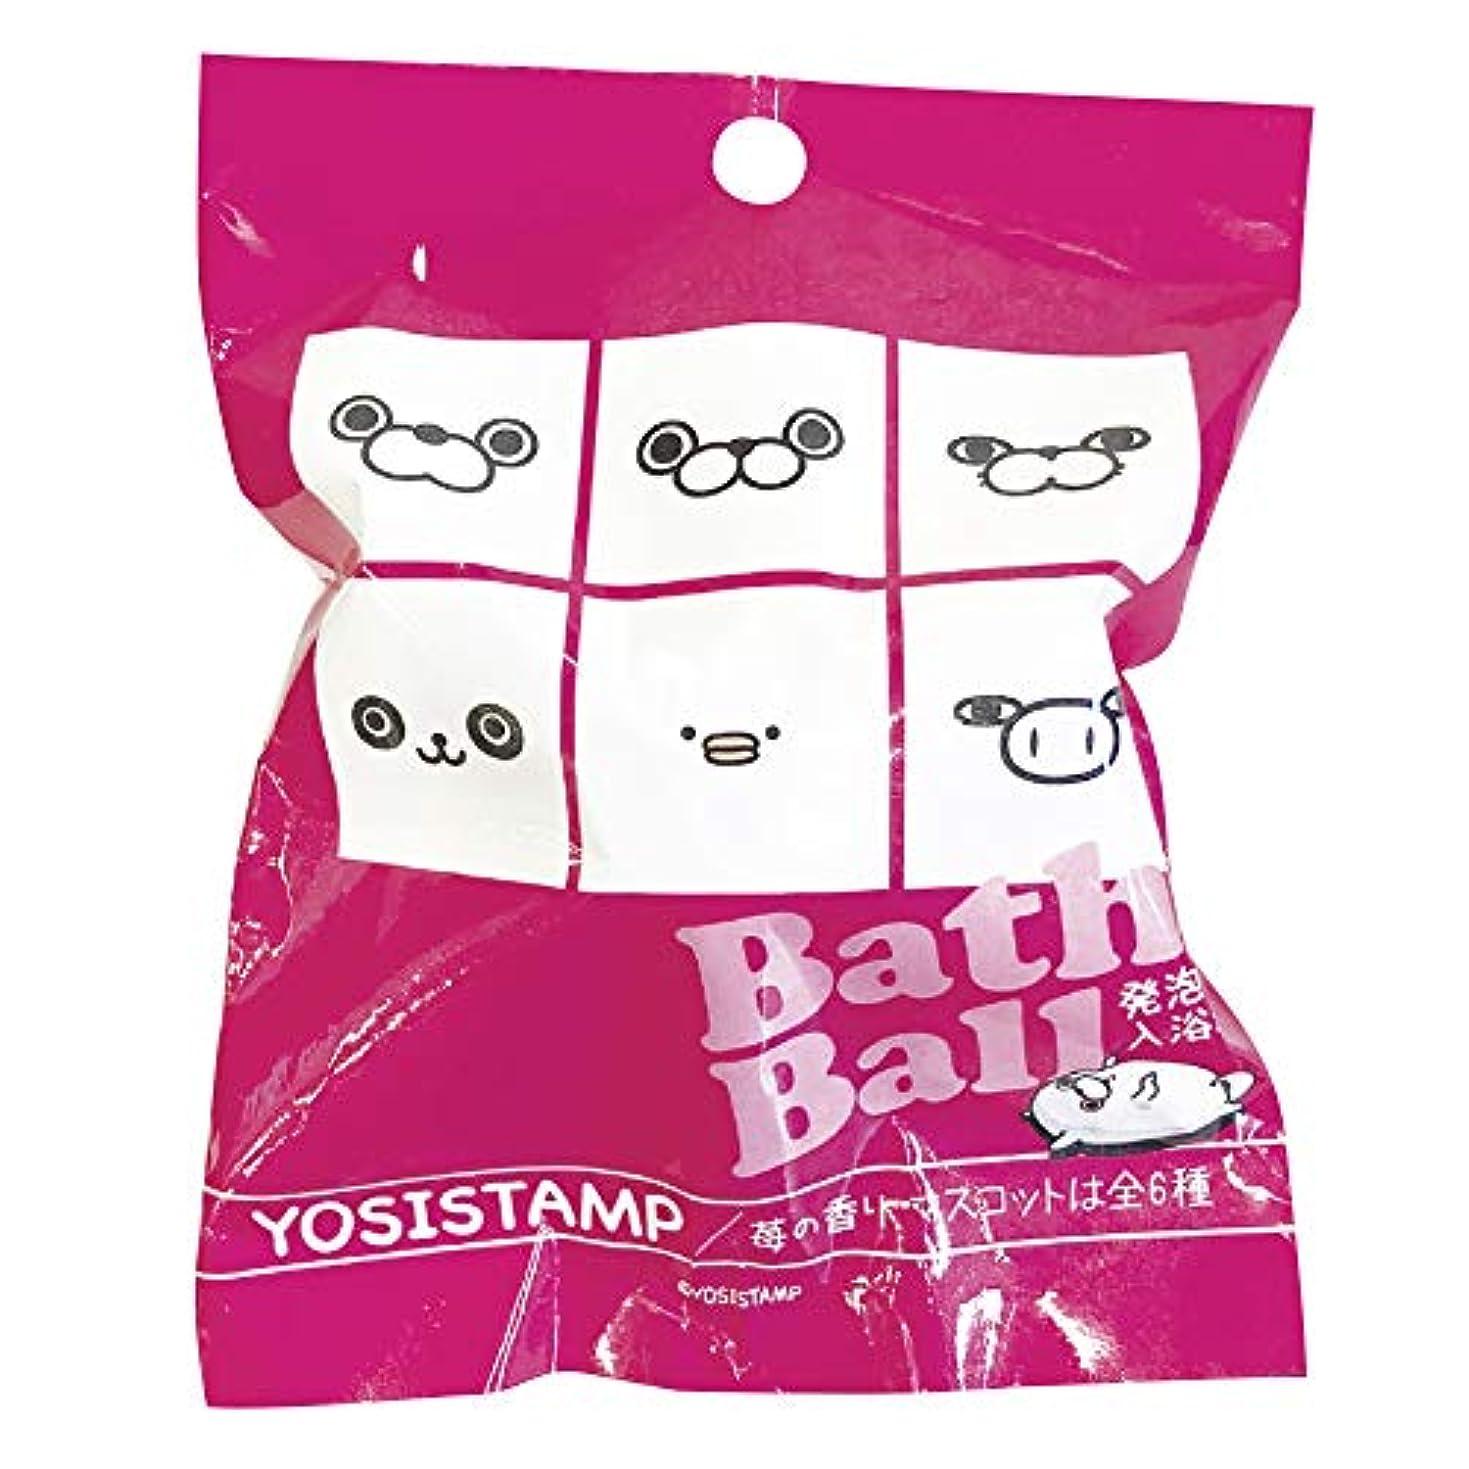 首尾一貫したベッドを作る膨らみヨッシースタンプ 入浴剤 バスボール おまけ付き イチゴの香り ABD-004-002